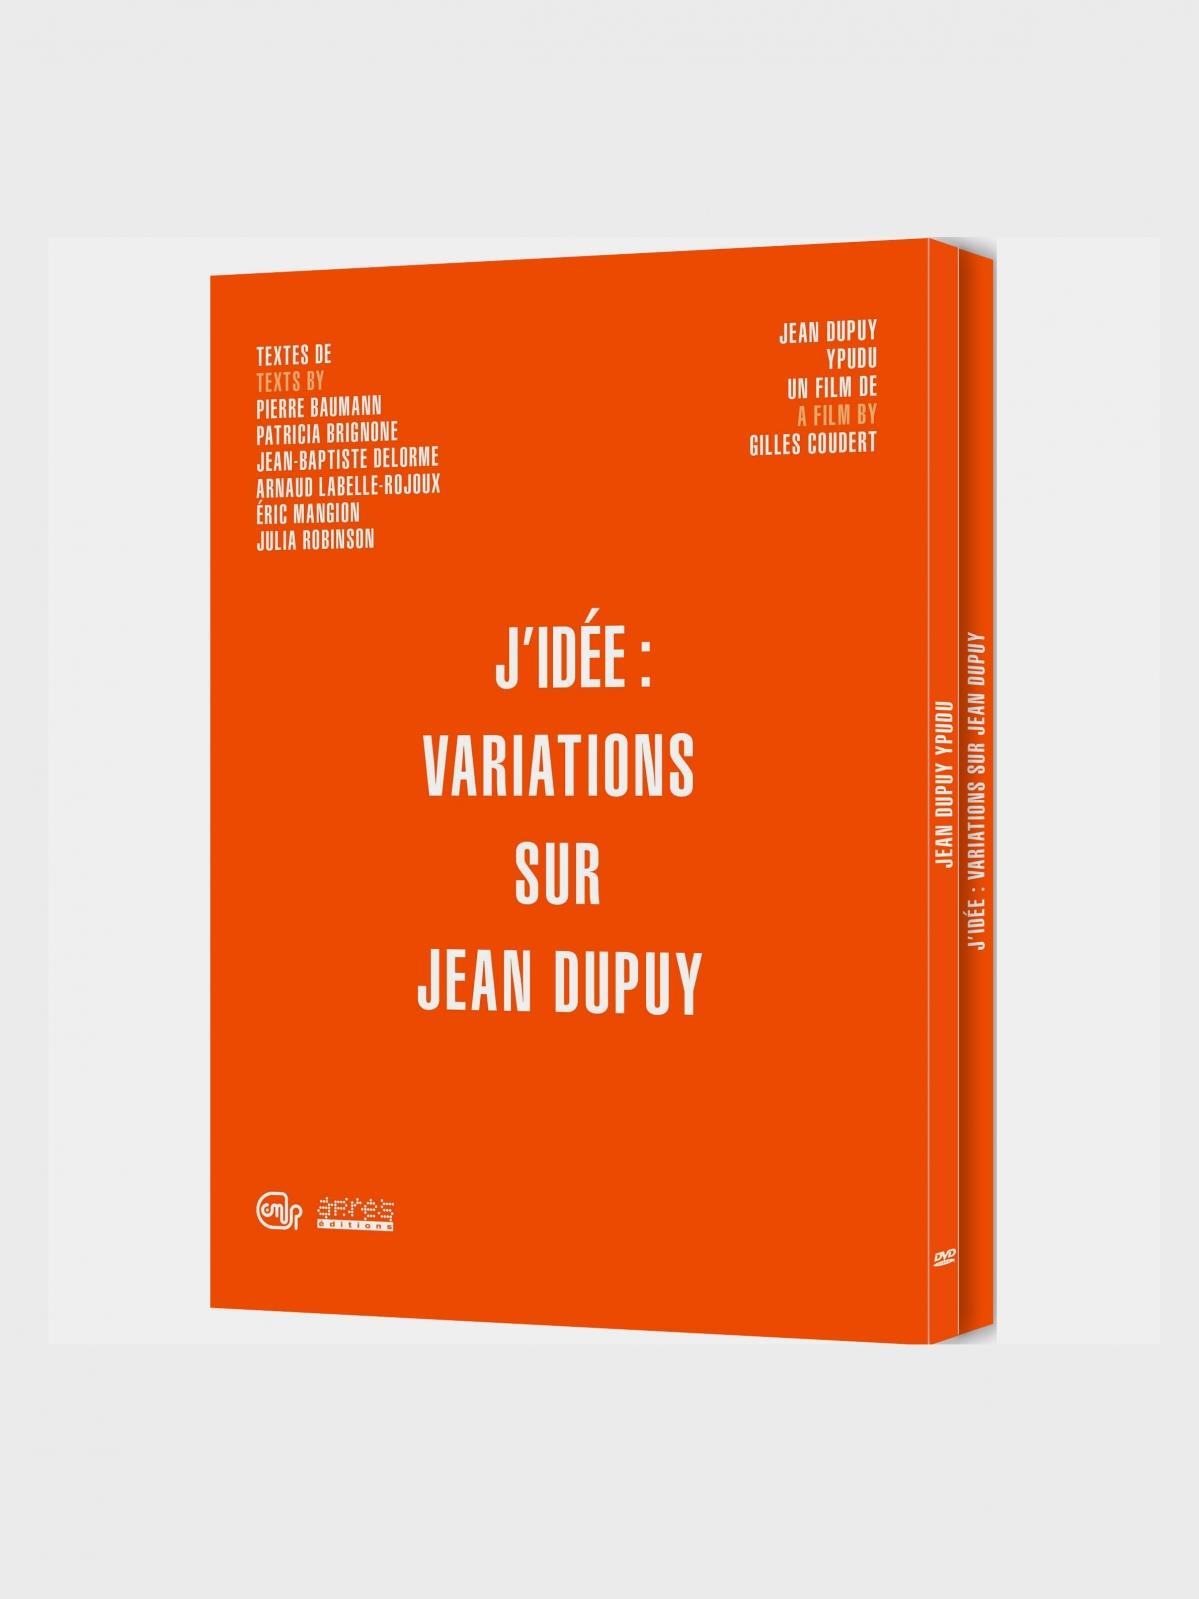 J'idée : variations sur Jean Dupuy